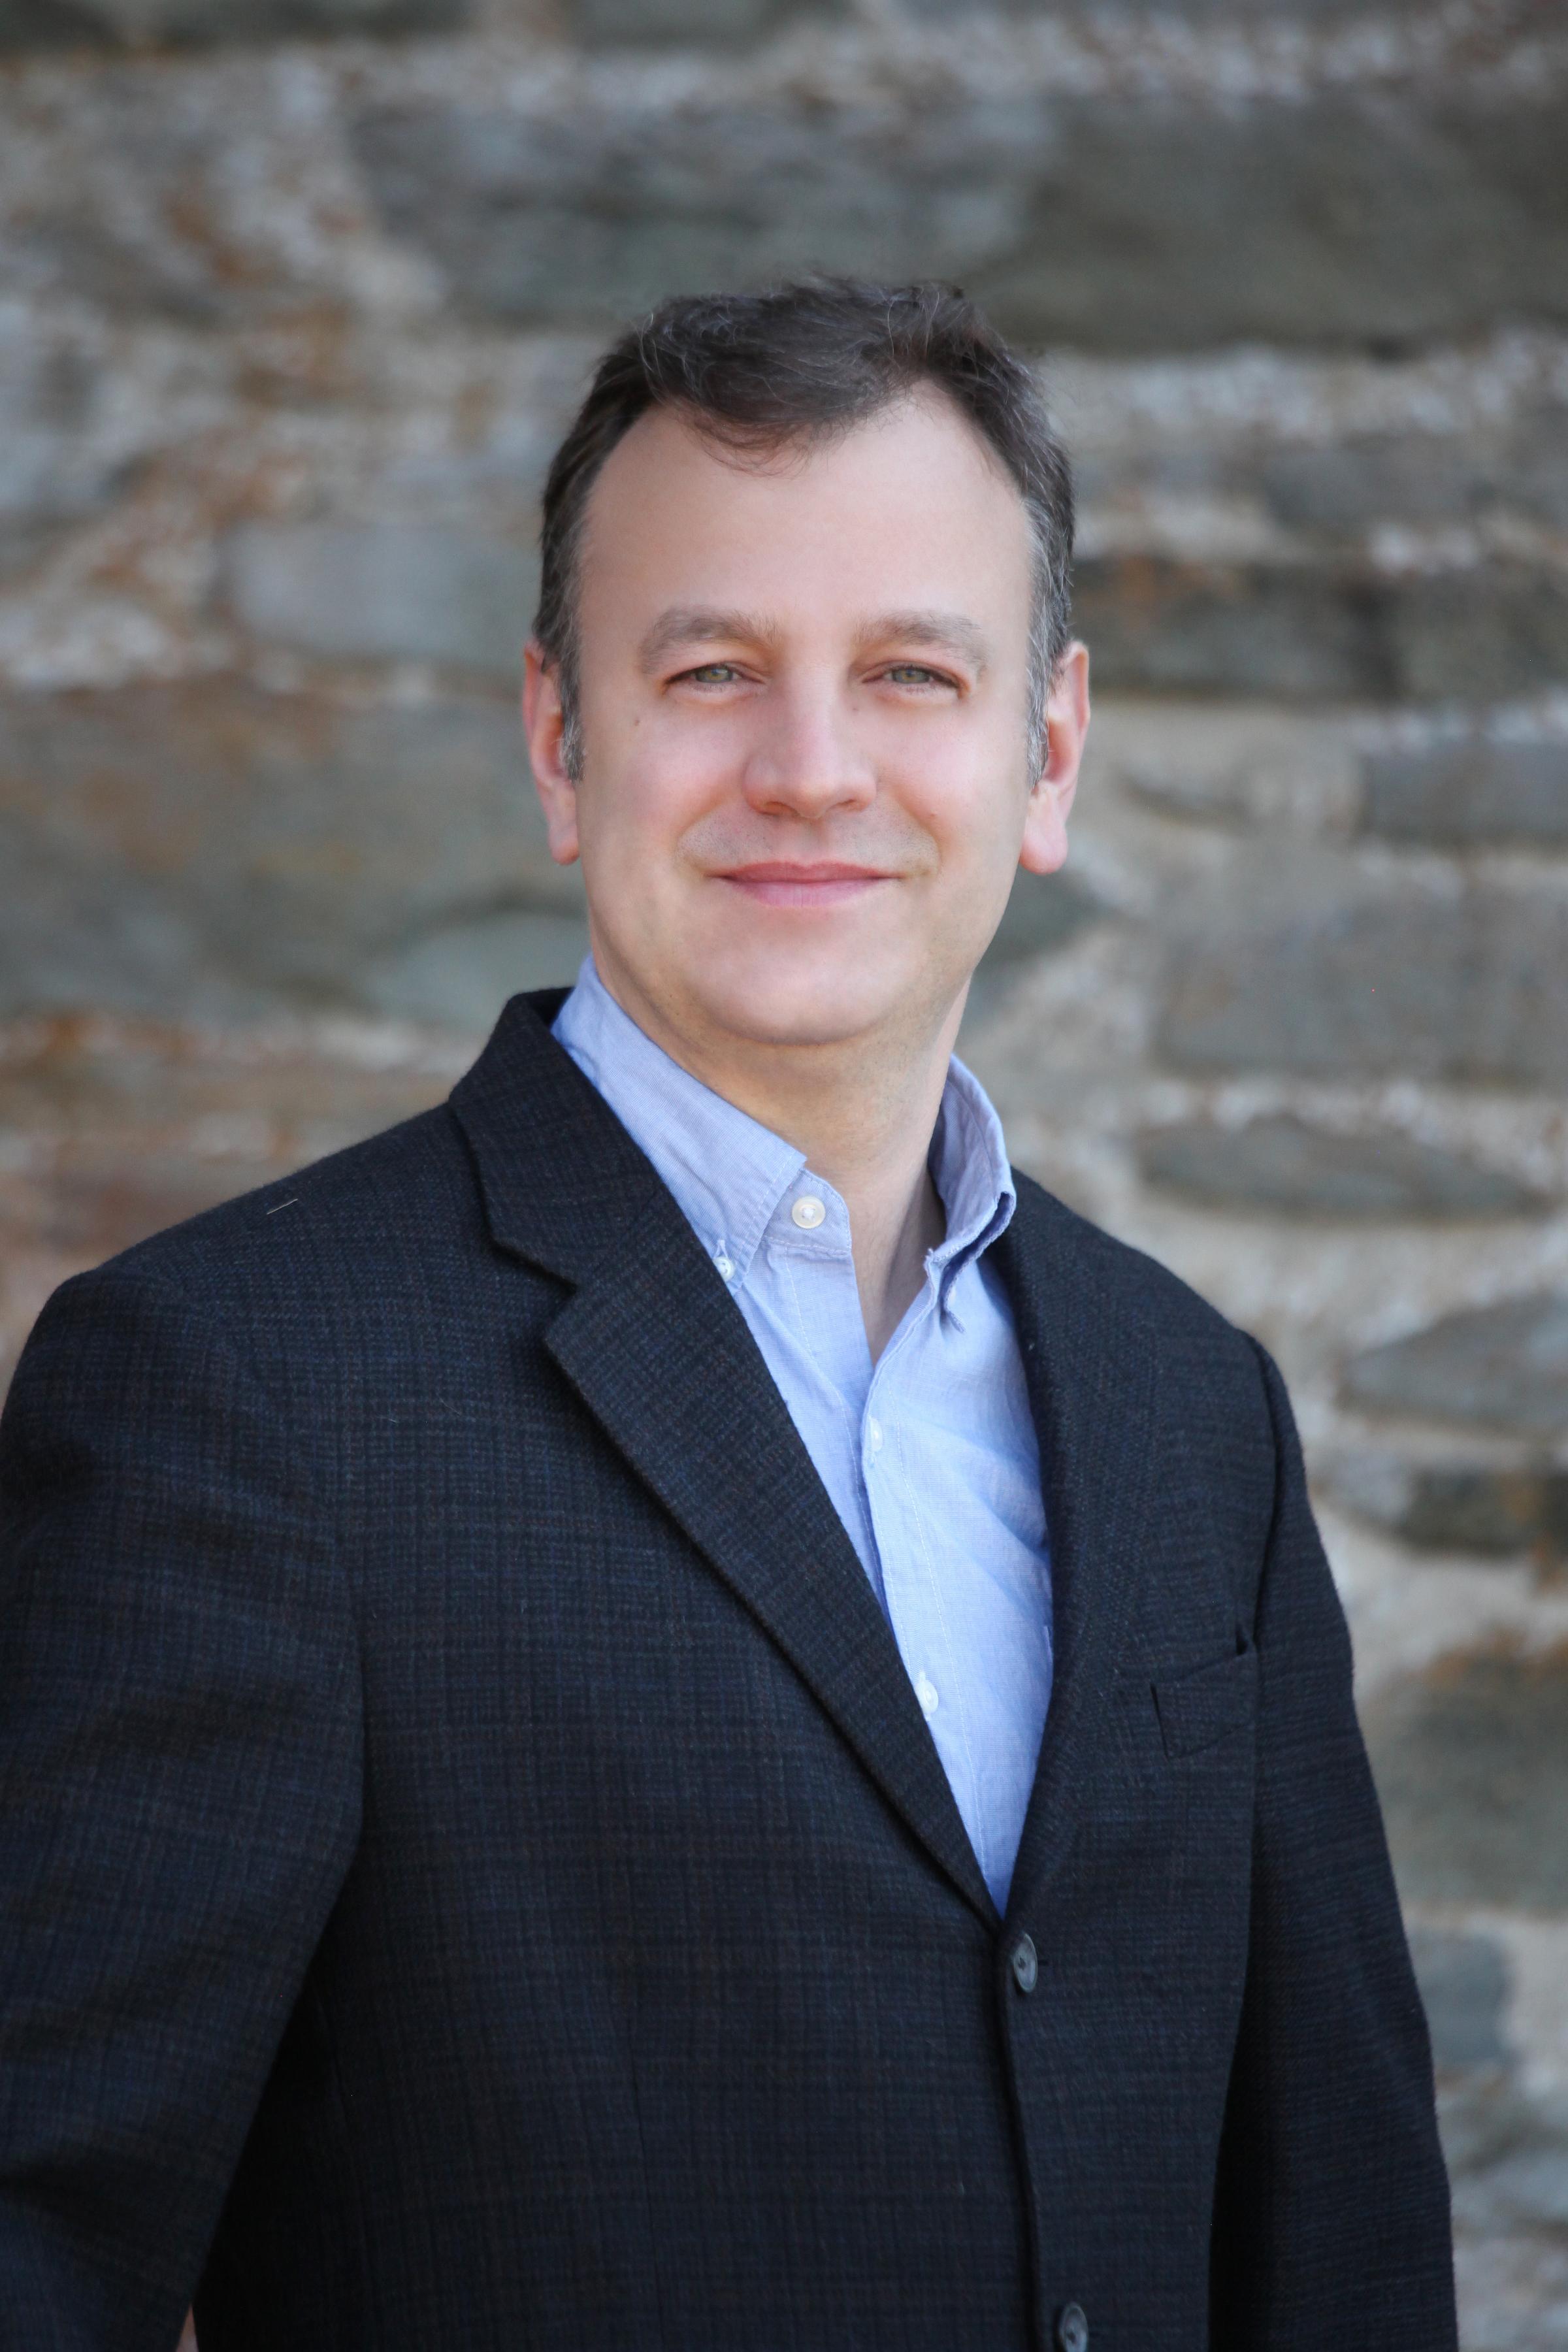 Michael OSullivan